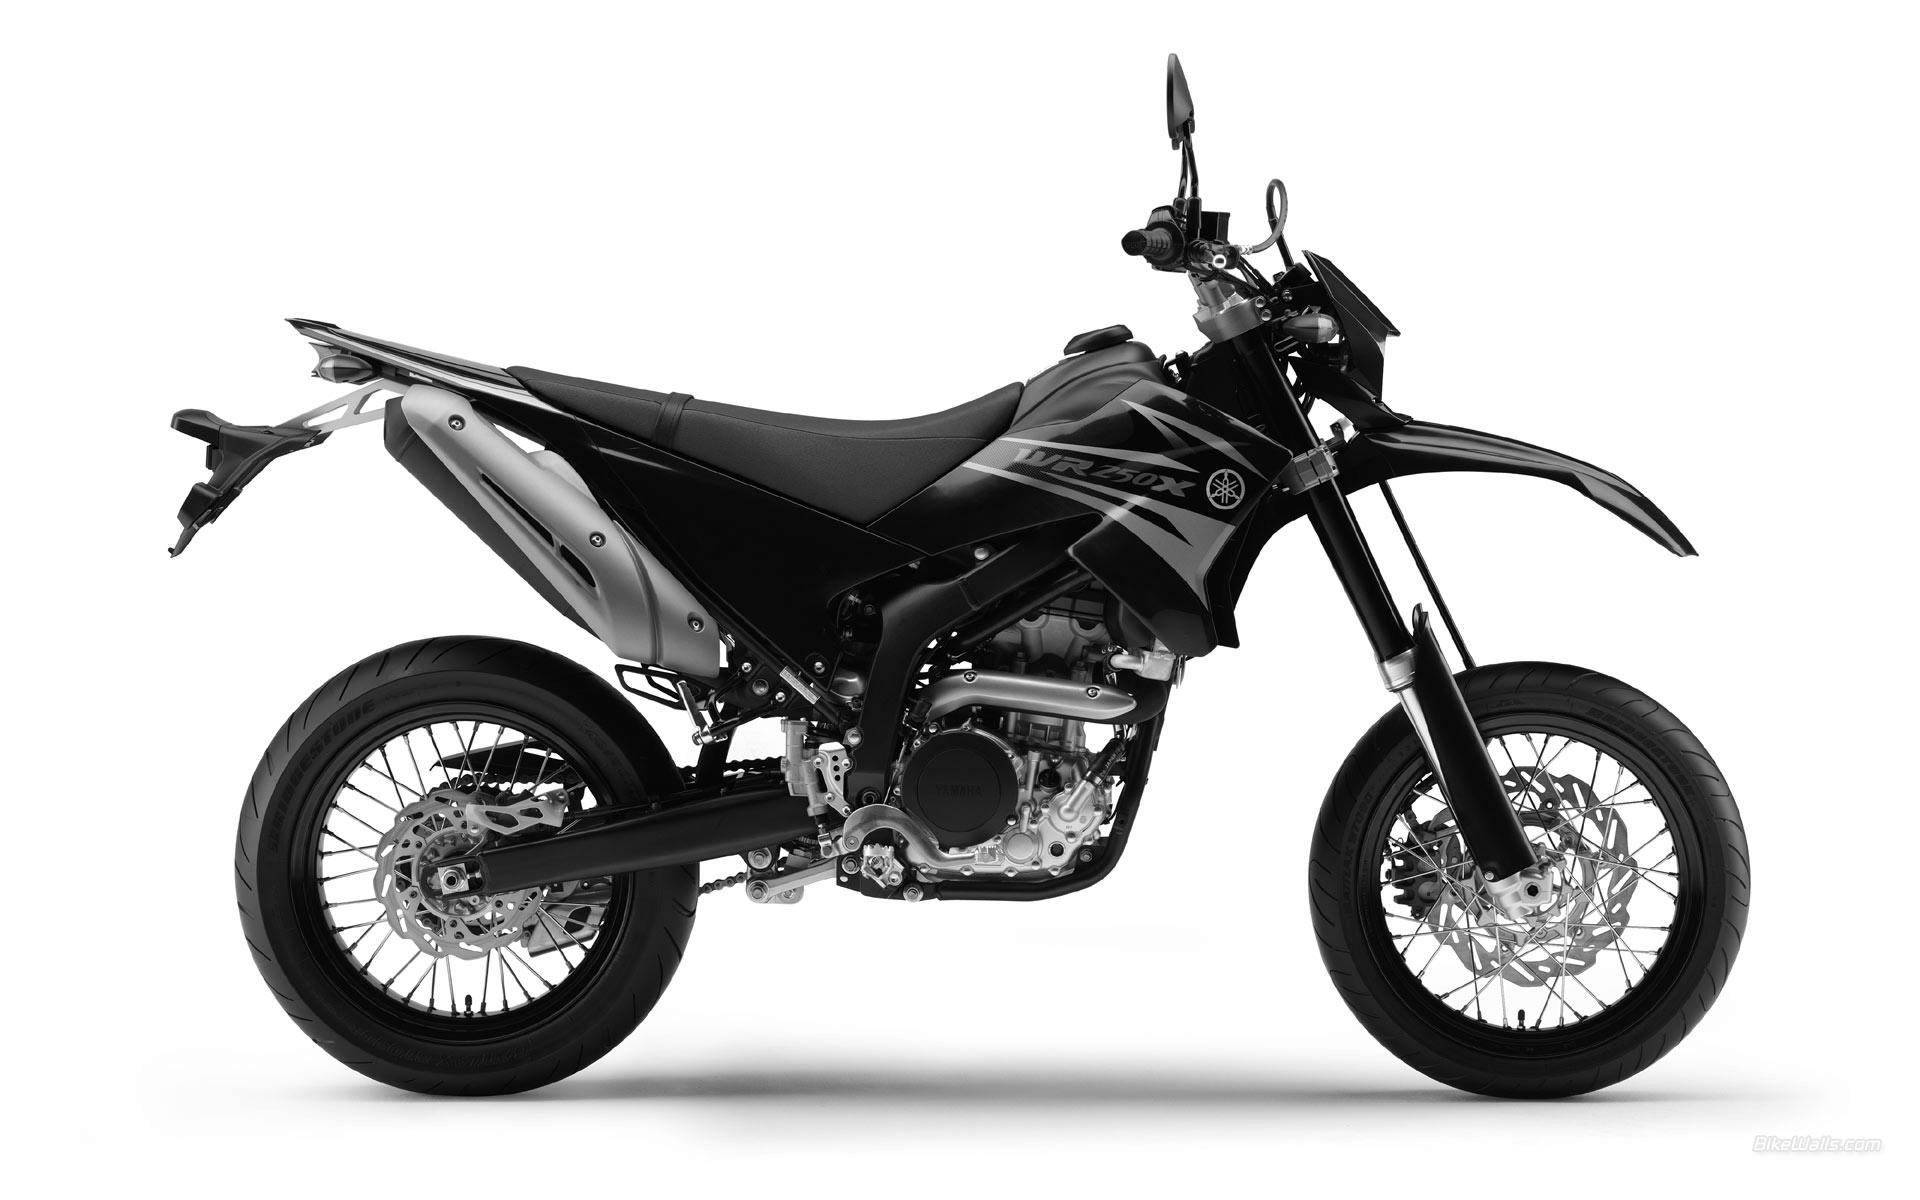 出典:http://wallpaperbeta.com/yamaha_sport_roadster_wr250x_2008_moto_hd-wallpaper-154140/